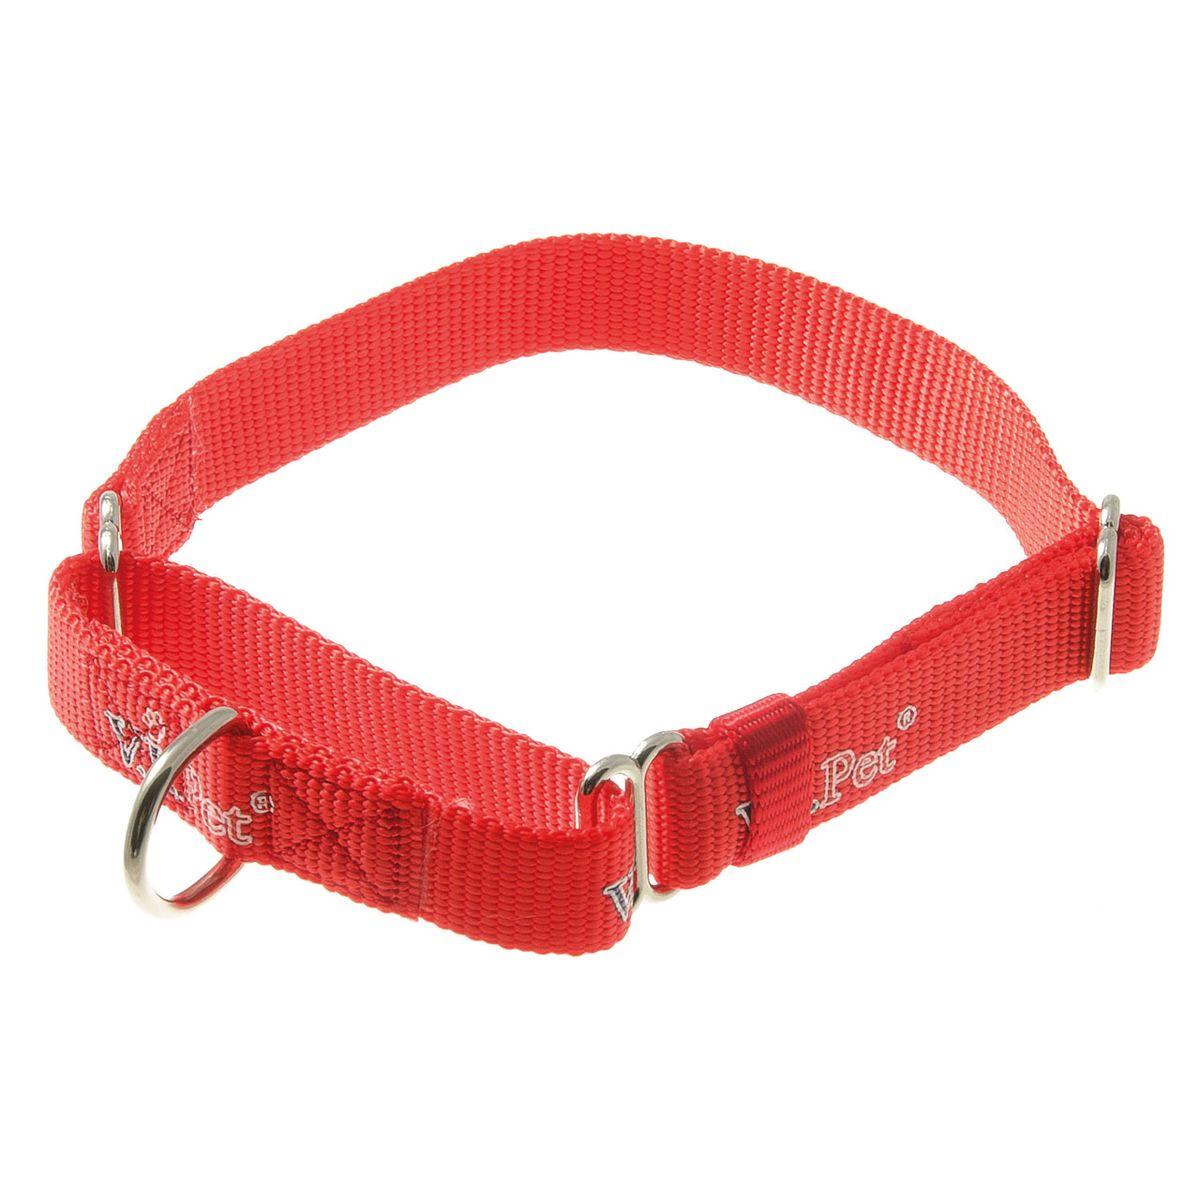 Ошейник-мартингал V.I.Pet 20мм регулир. длины (32-45см) (красный)75-2046